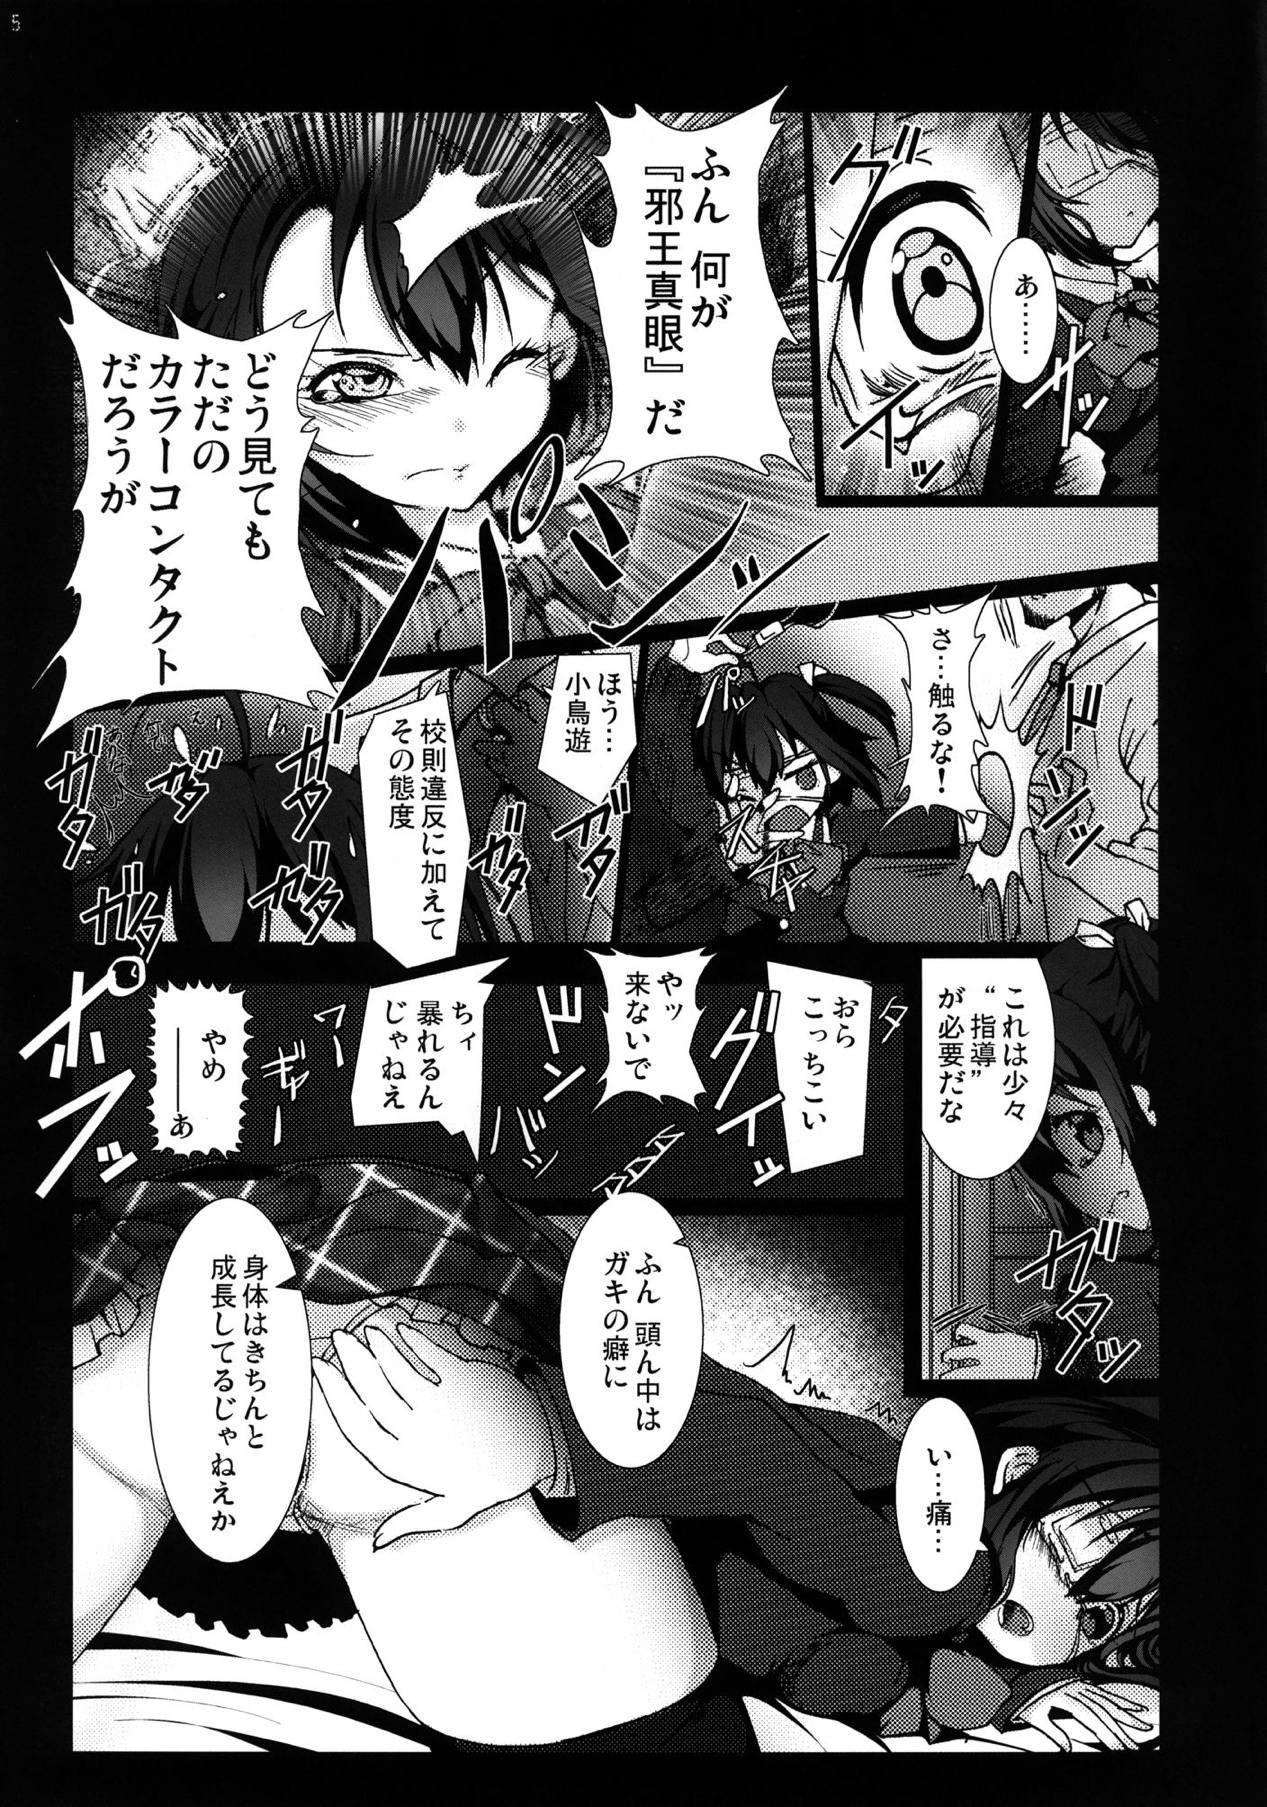 Chuunibyou demo Ninshin Shitai! 3